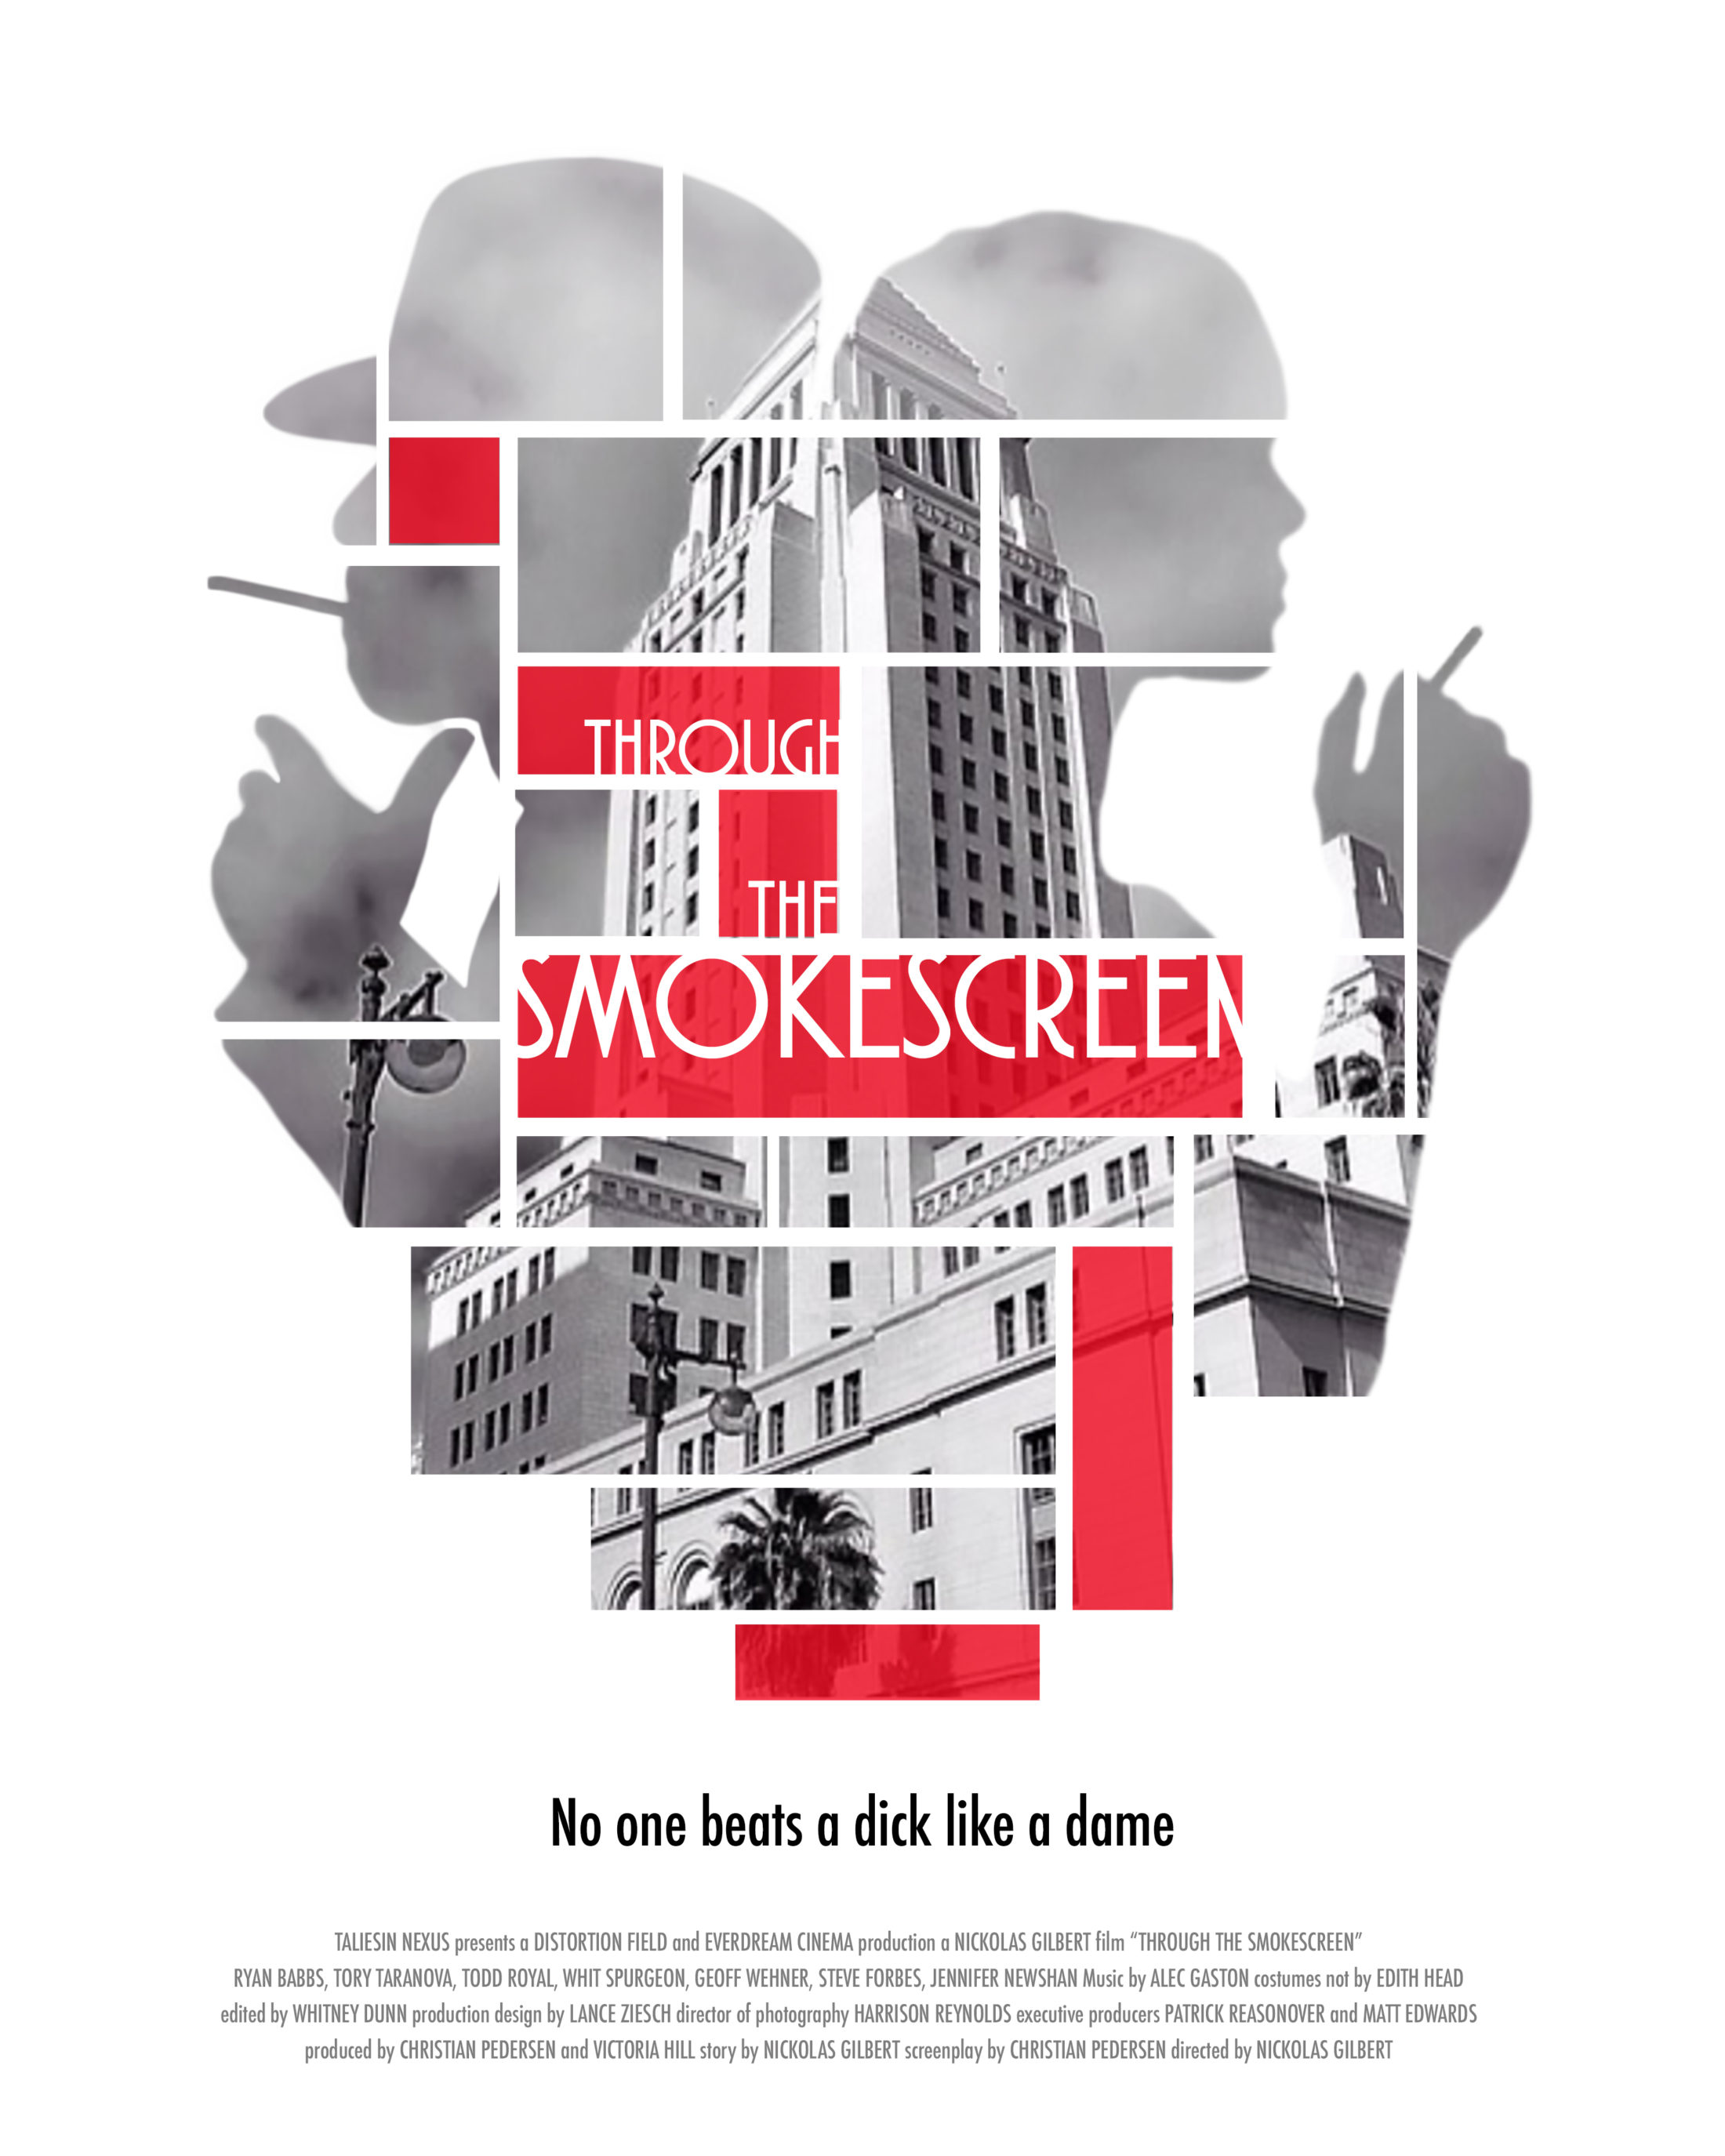 Through The Smokescreen